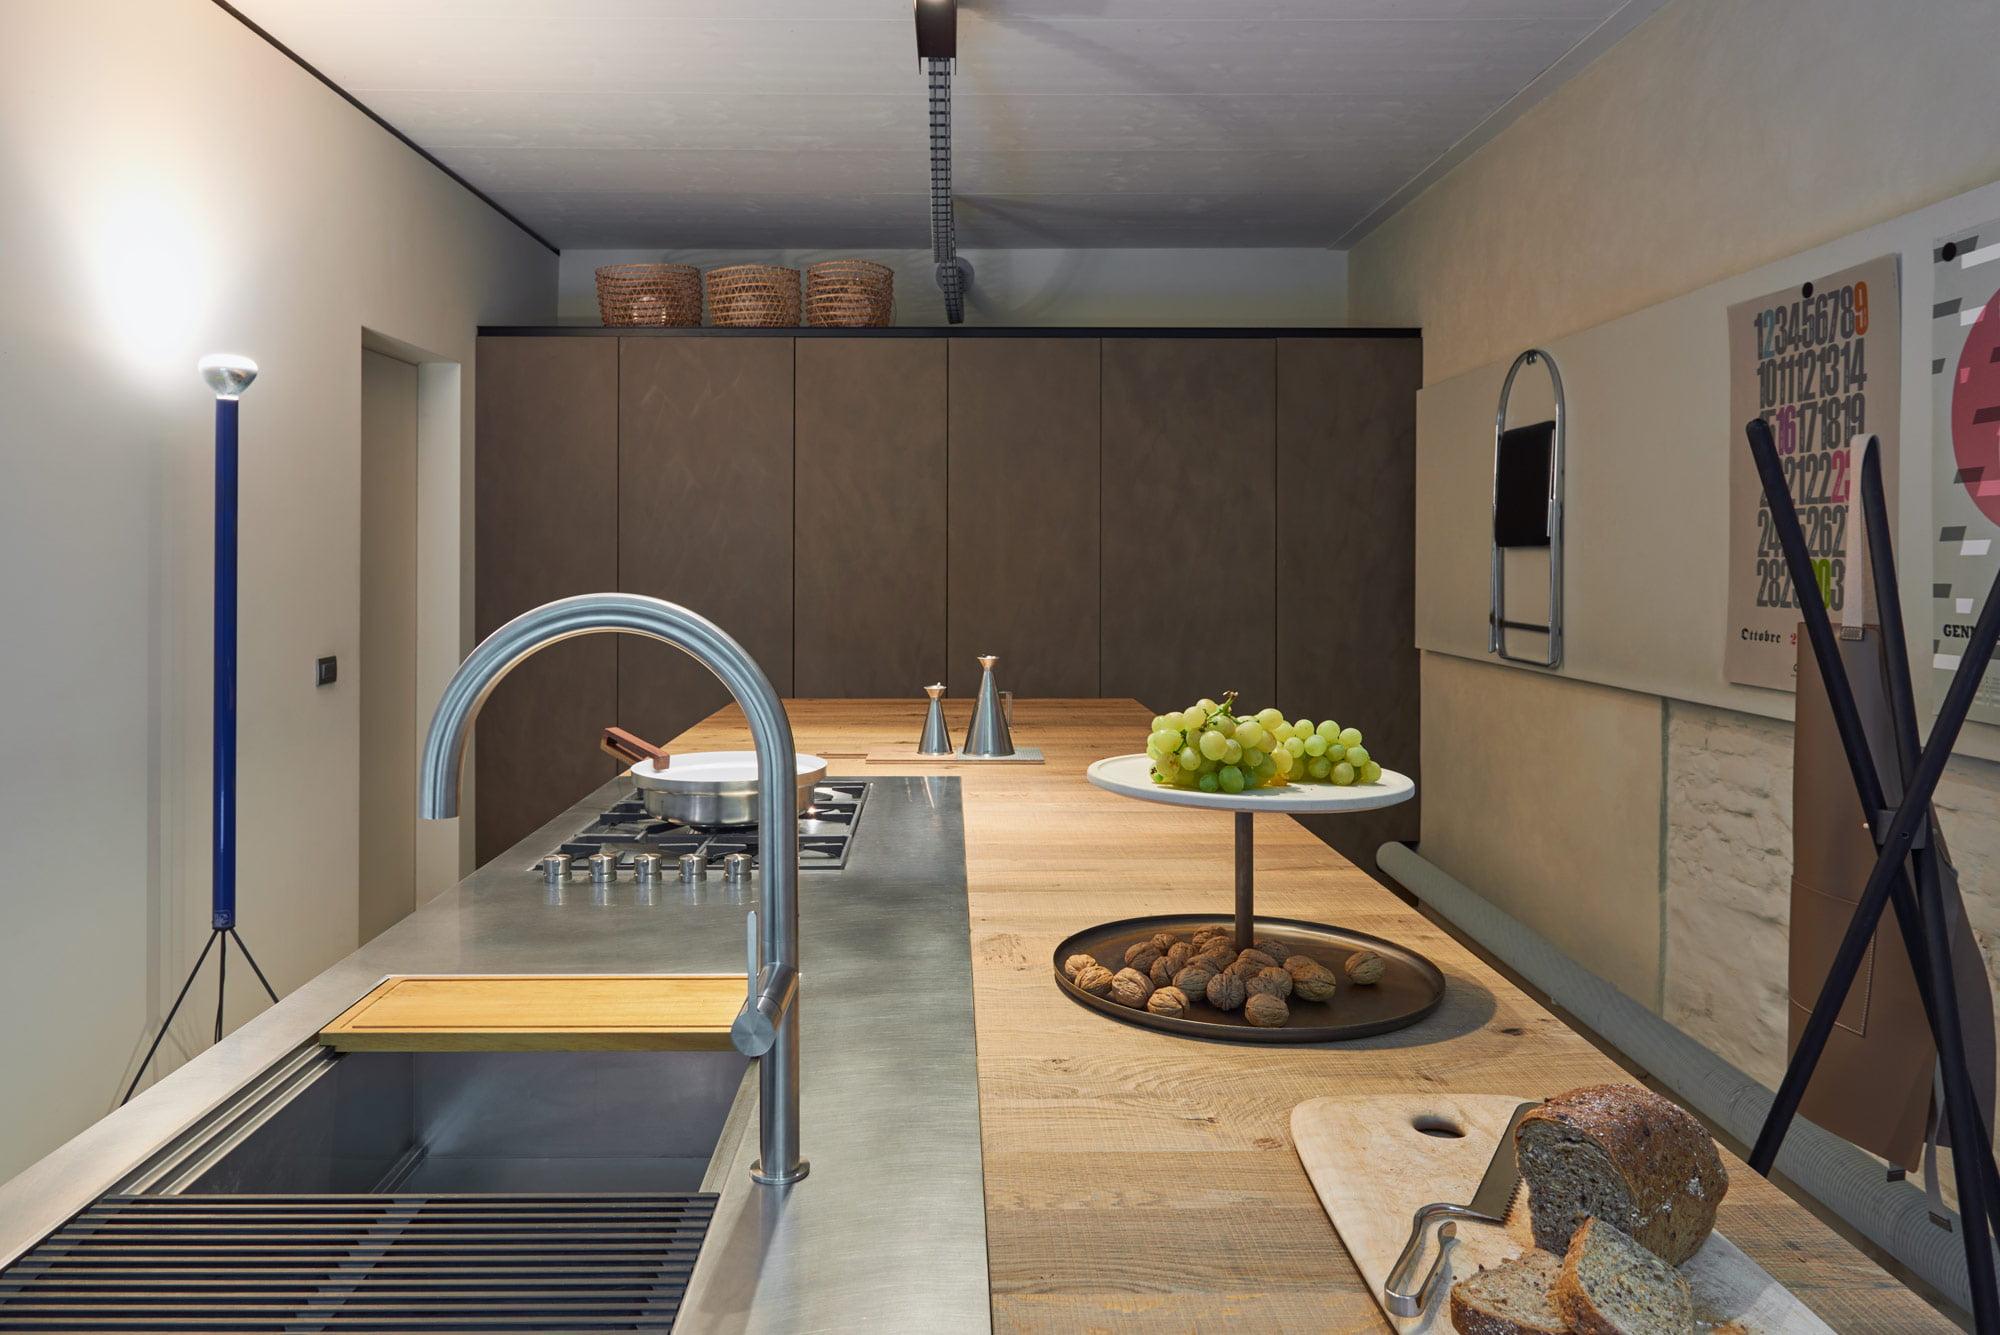 key-sbabo-cucine-progetto-estivale-montecchio-precalcino-vicenza-italia-18